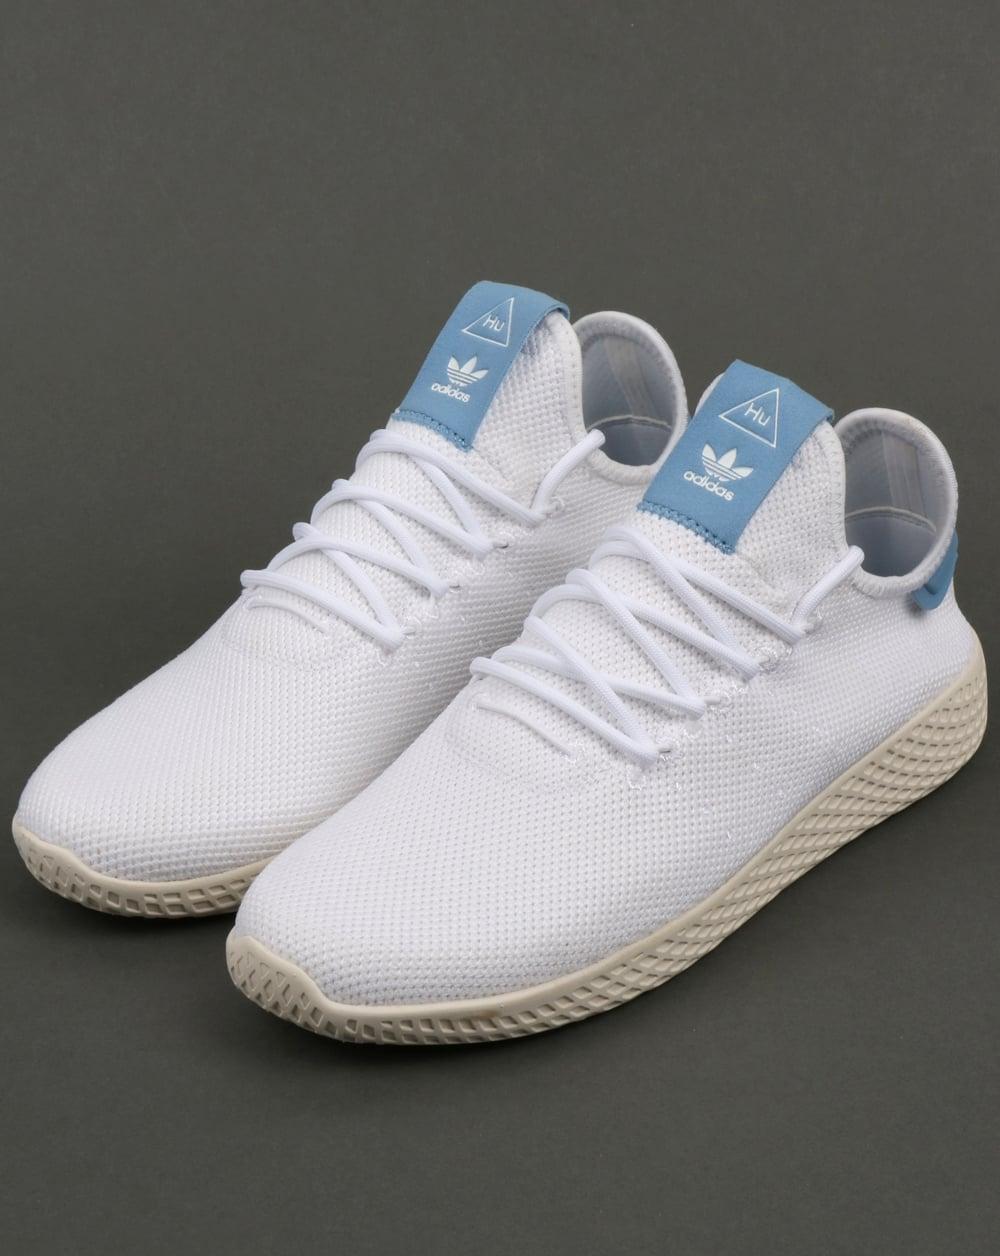 adidas hu pw - 56% remise - www